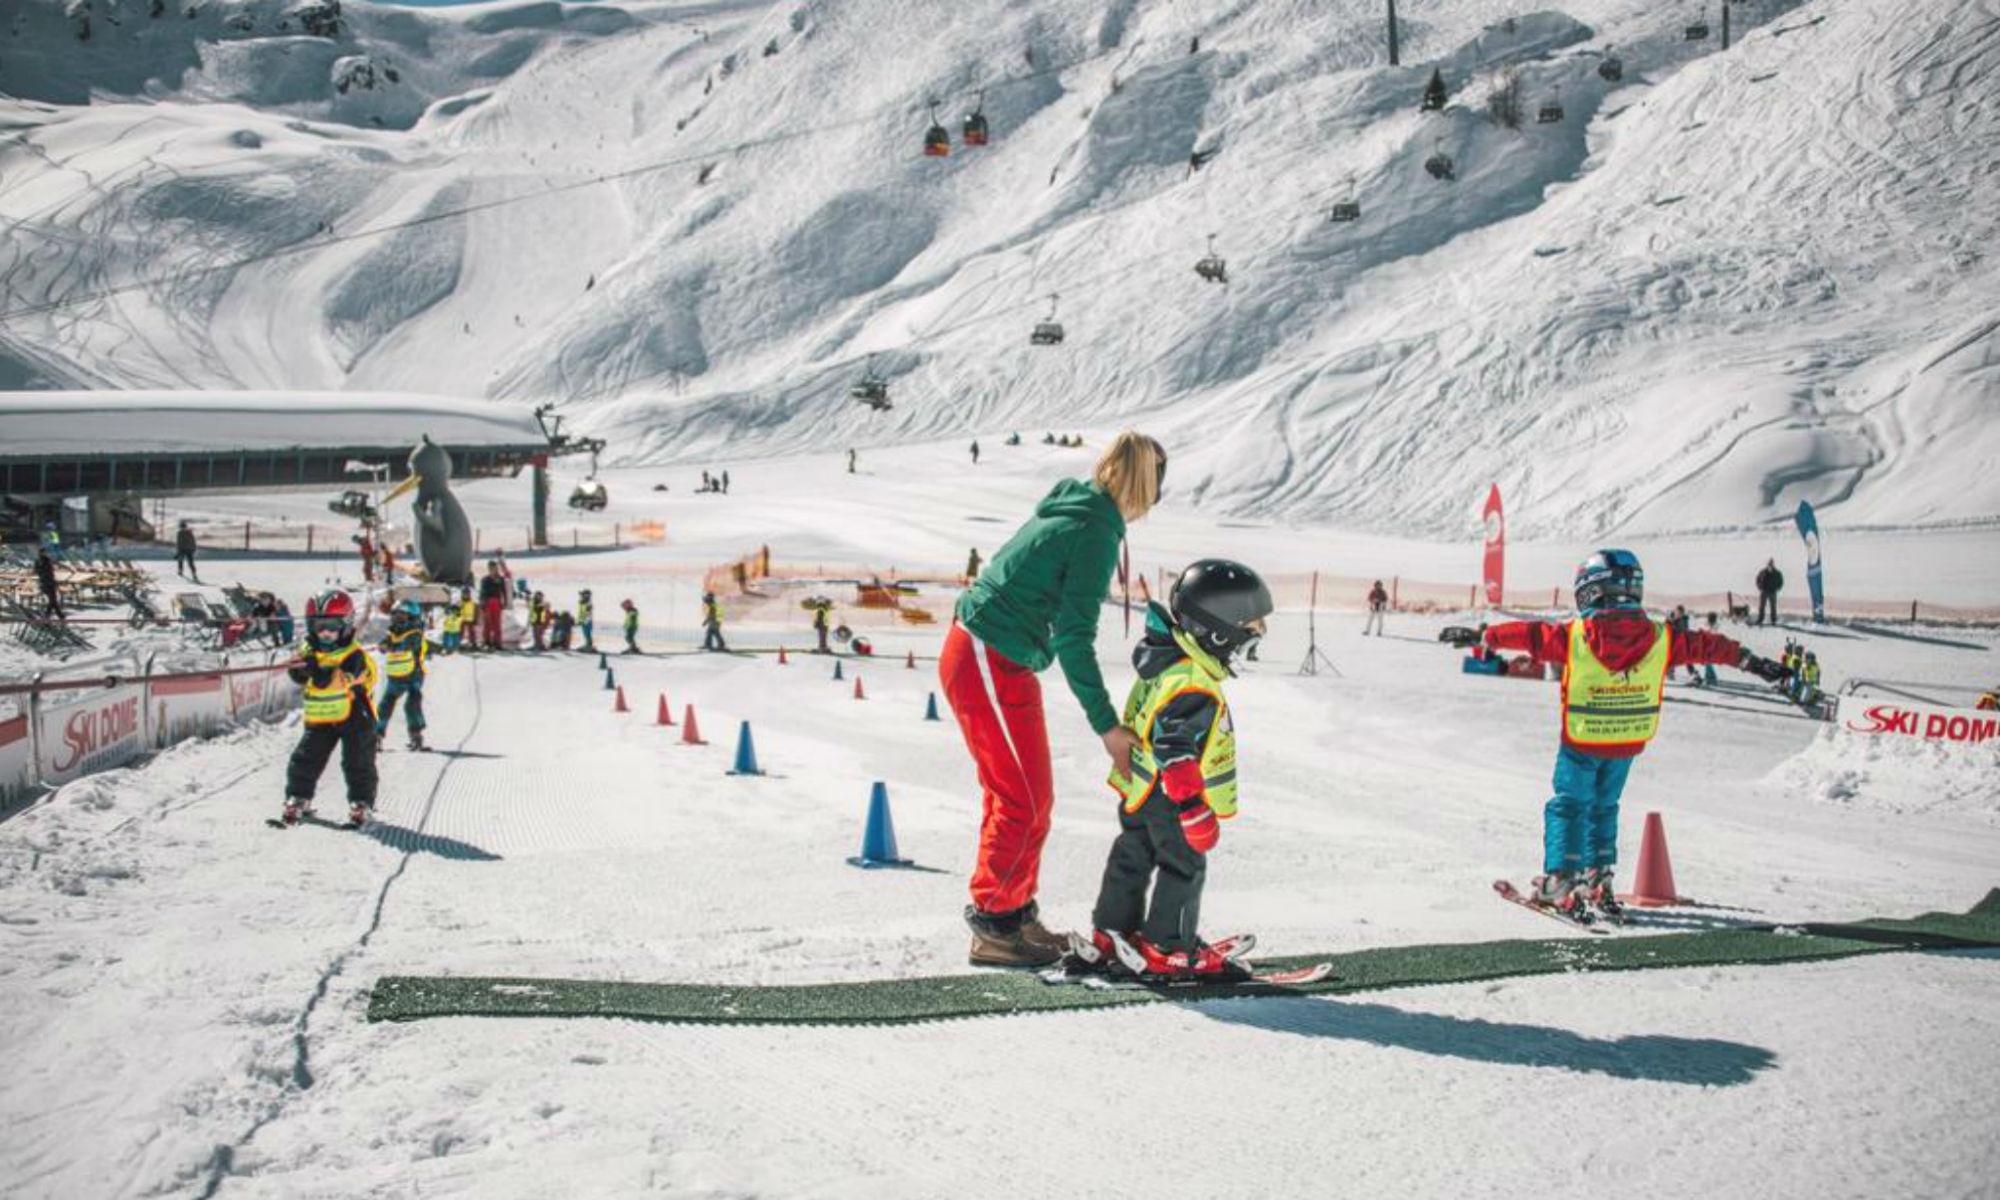 Twee kinderen oefenen het skiën onder het toeziend oog van hun skilerares in het skigebied van Kaprun.